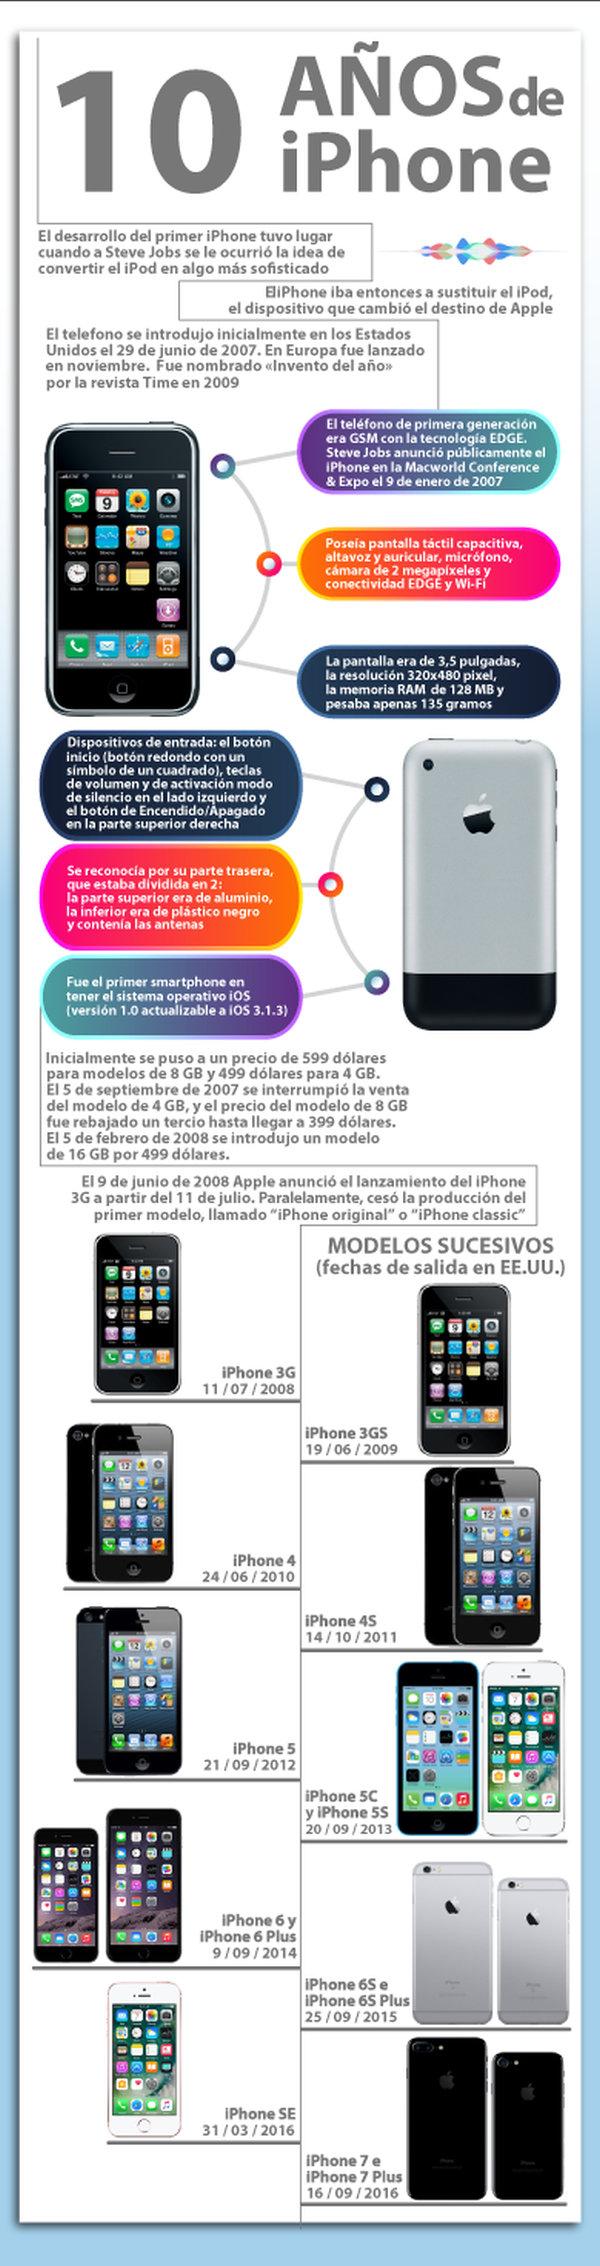 Infografía todo sobre el iPhone